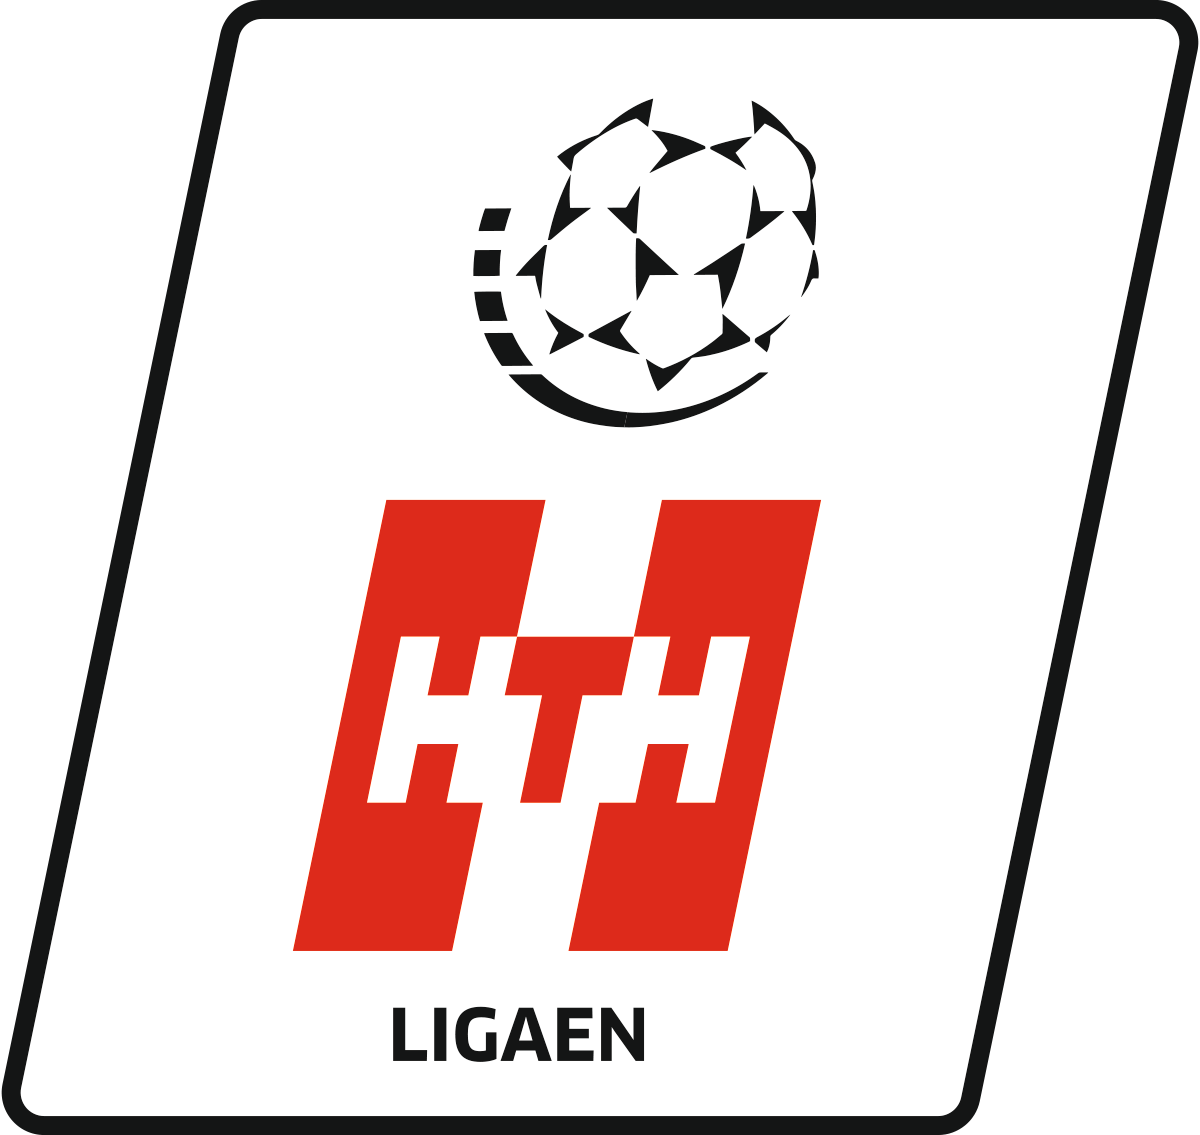 Herre Håndbold Ligaen